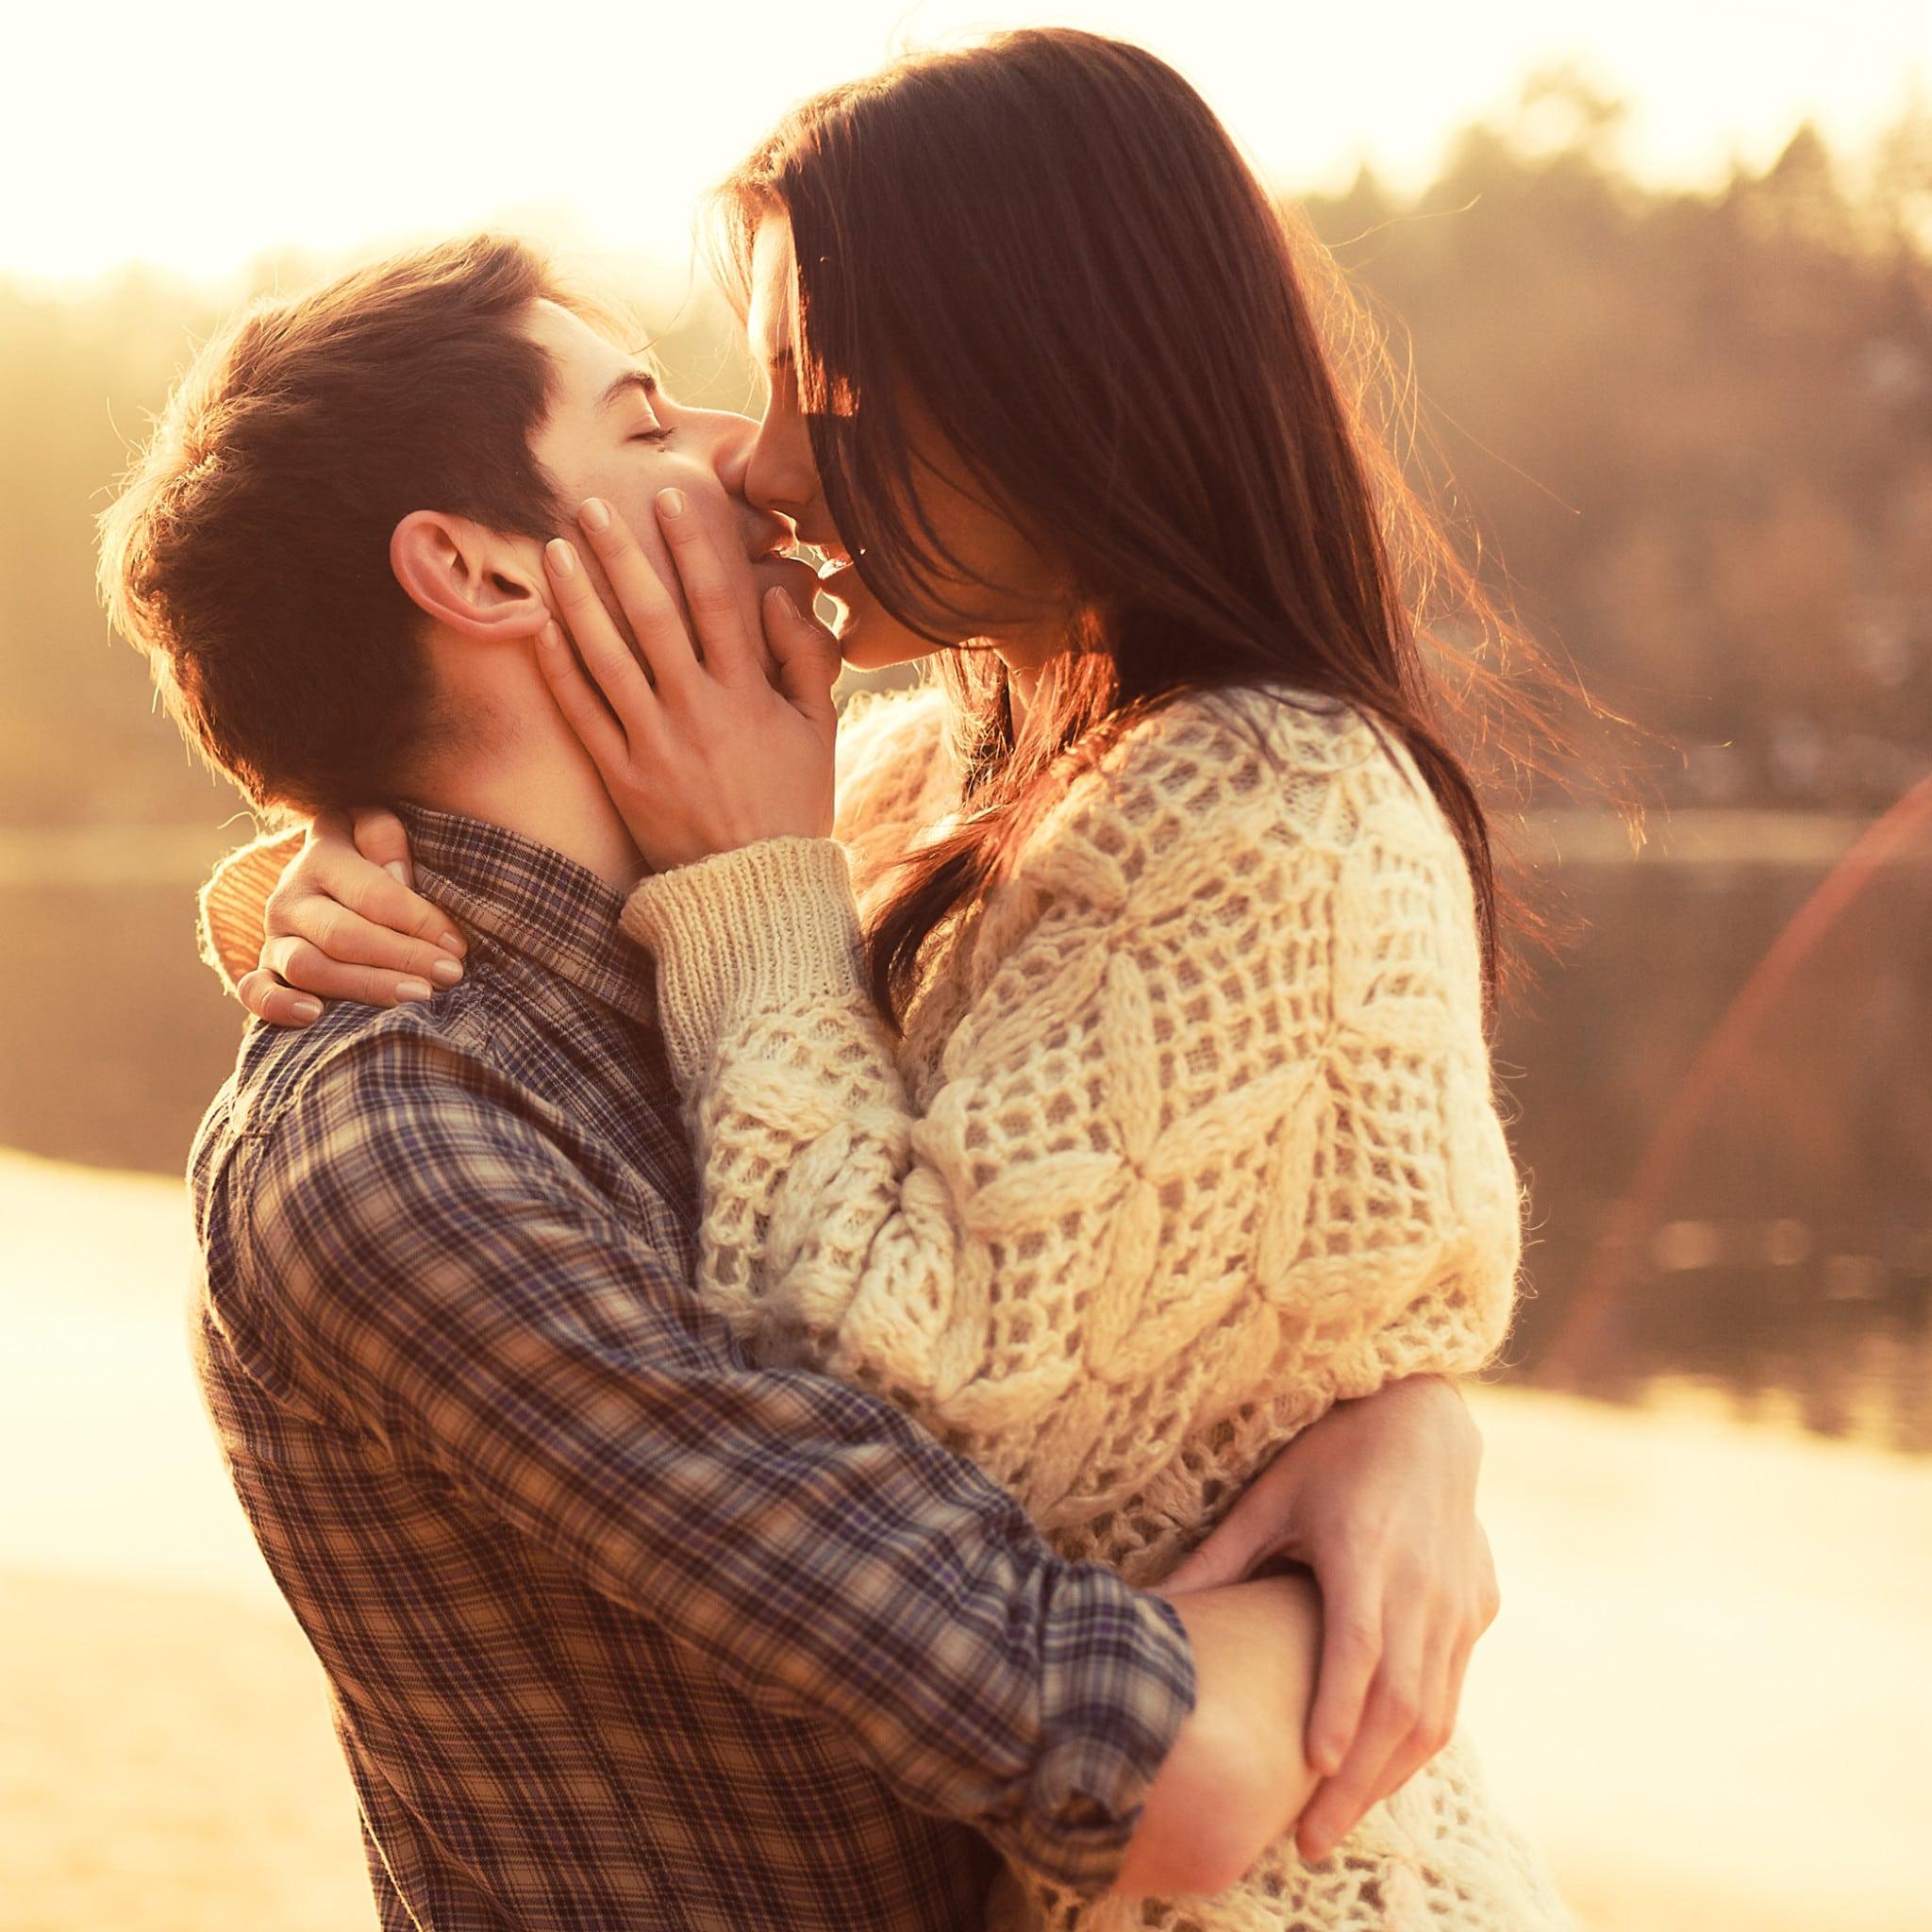 hvordan giver man en pige finger date ideer